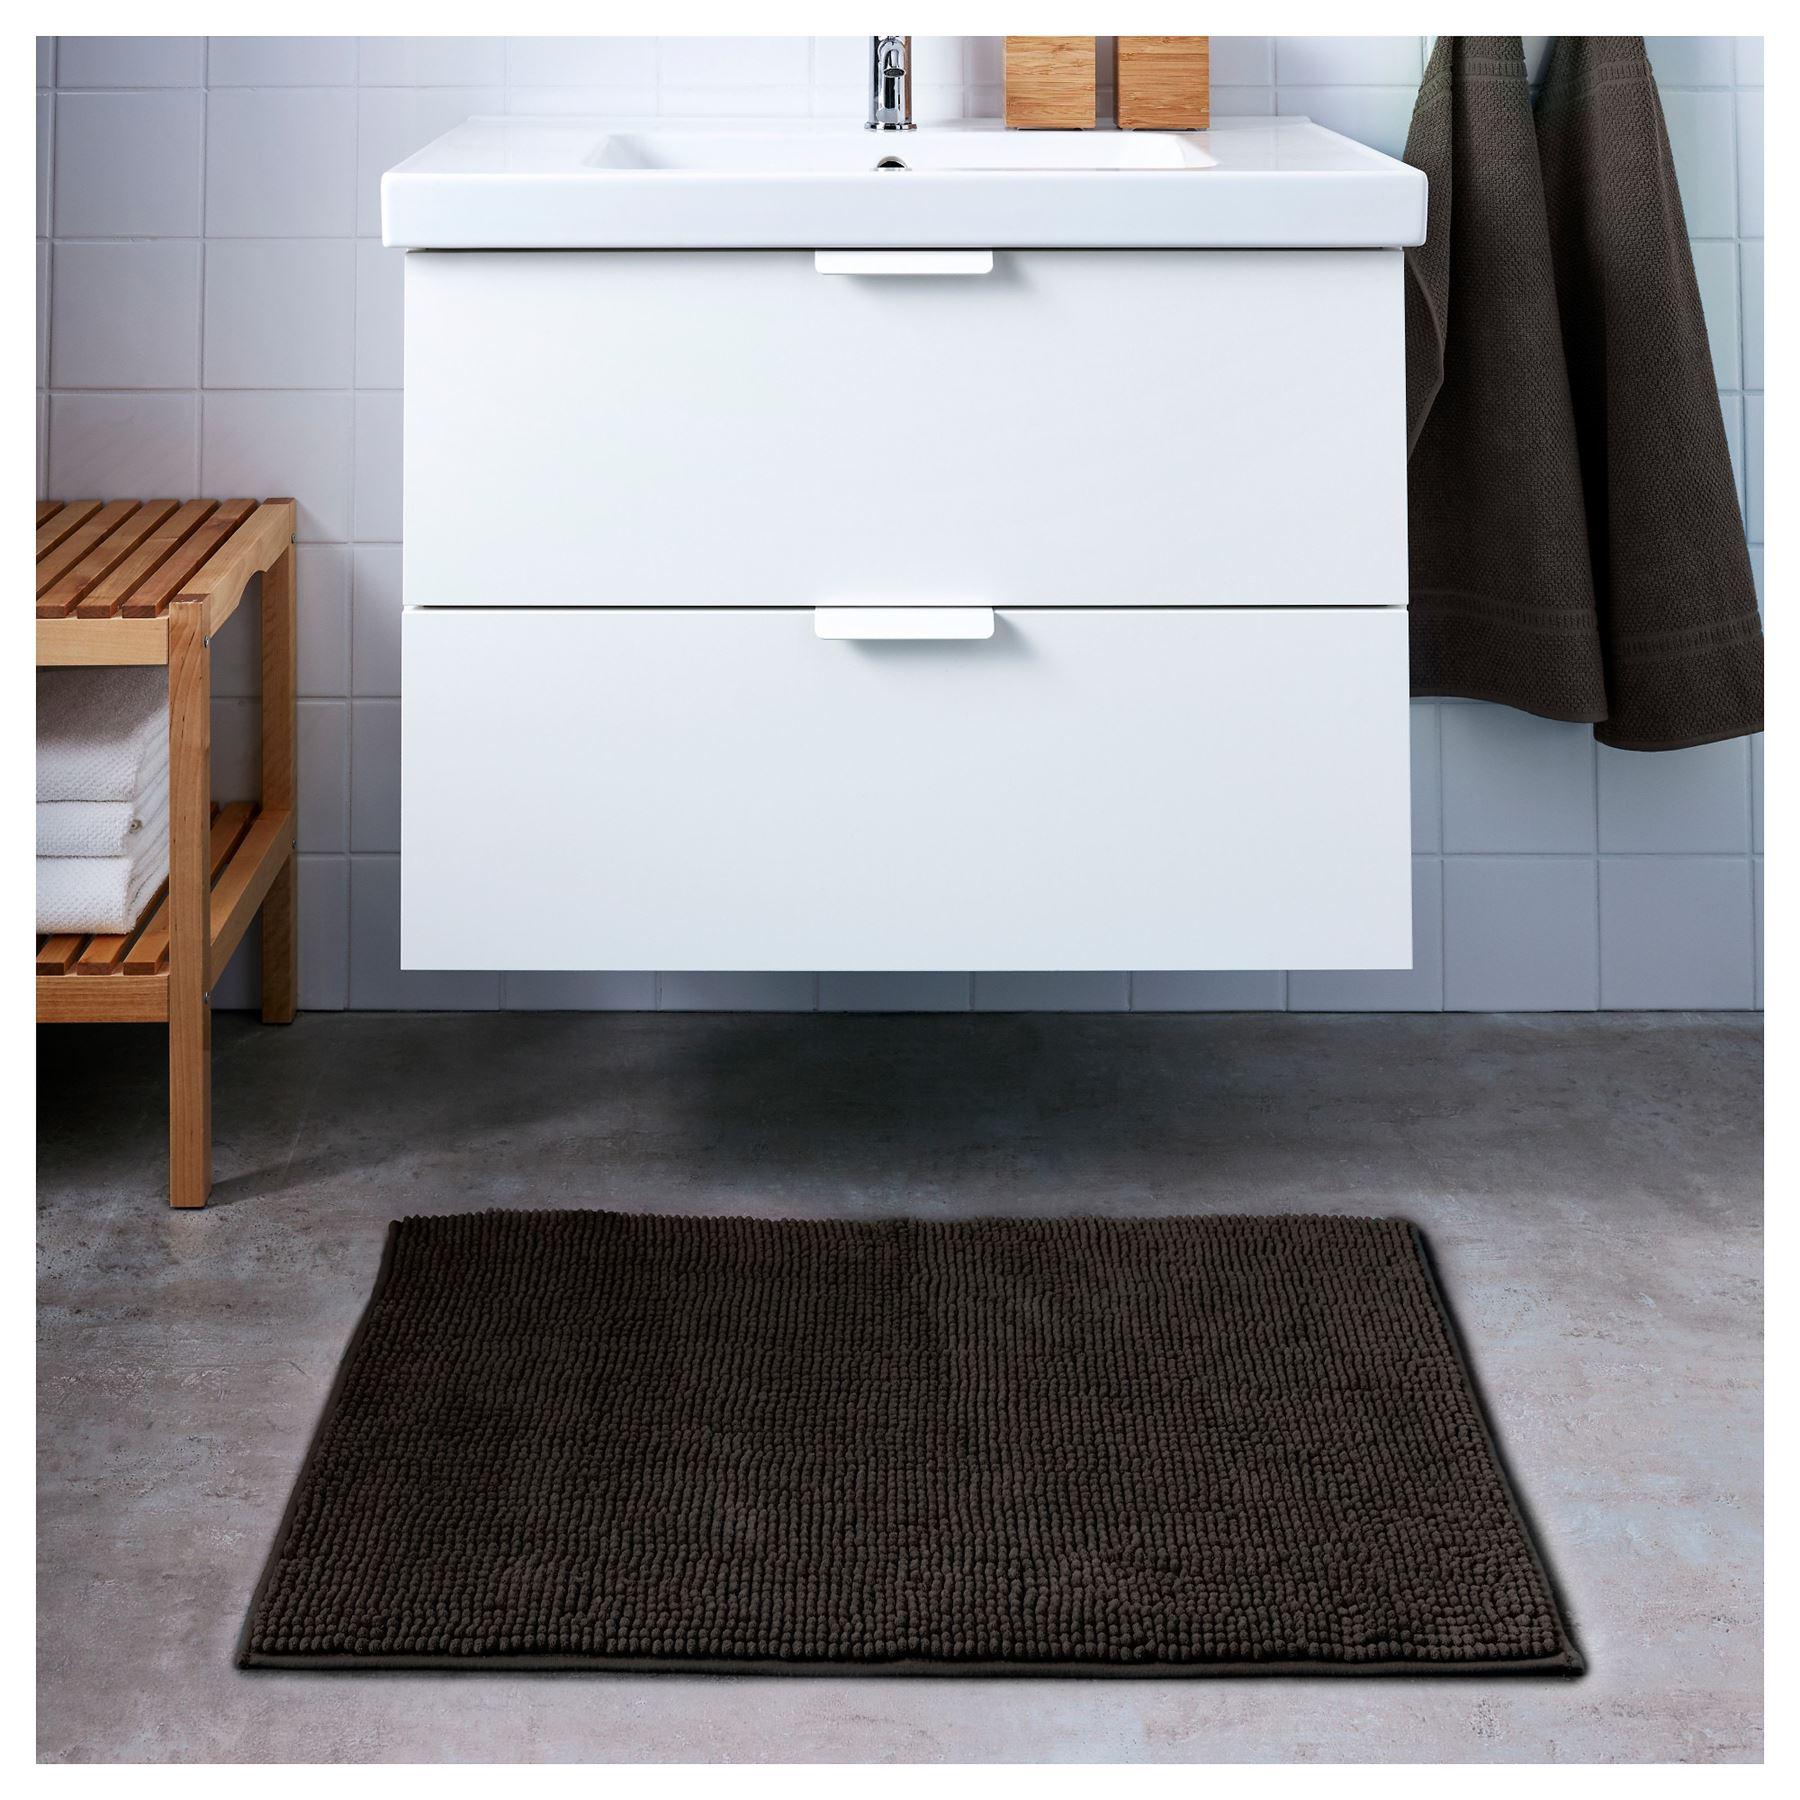 tappeto-da-bagno-camera-ingresso-cucina-a-pelo-corto-materiale-in-micro-fibra miniatura 56